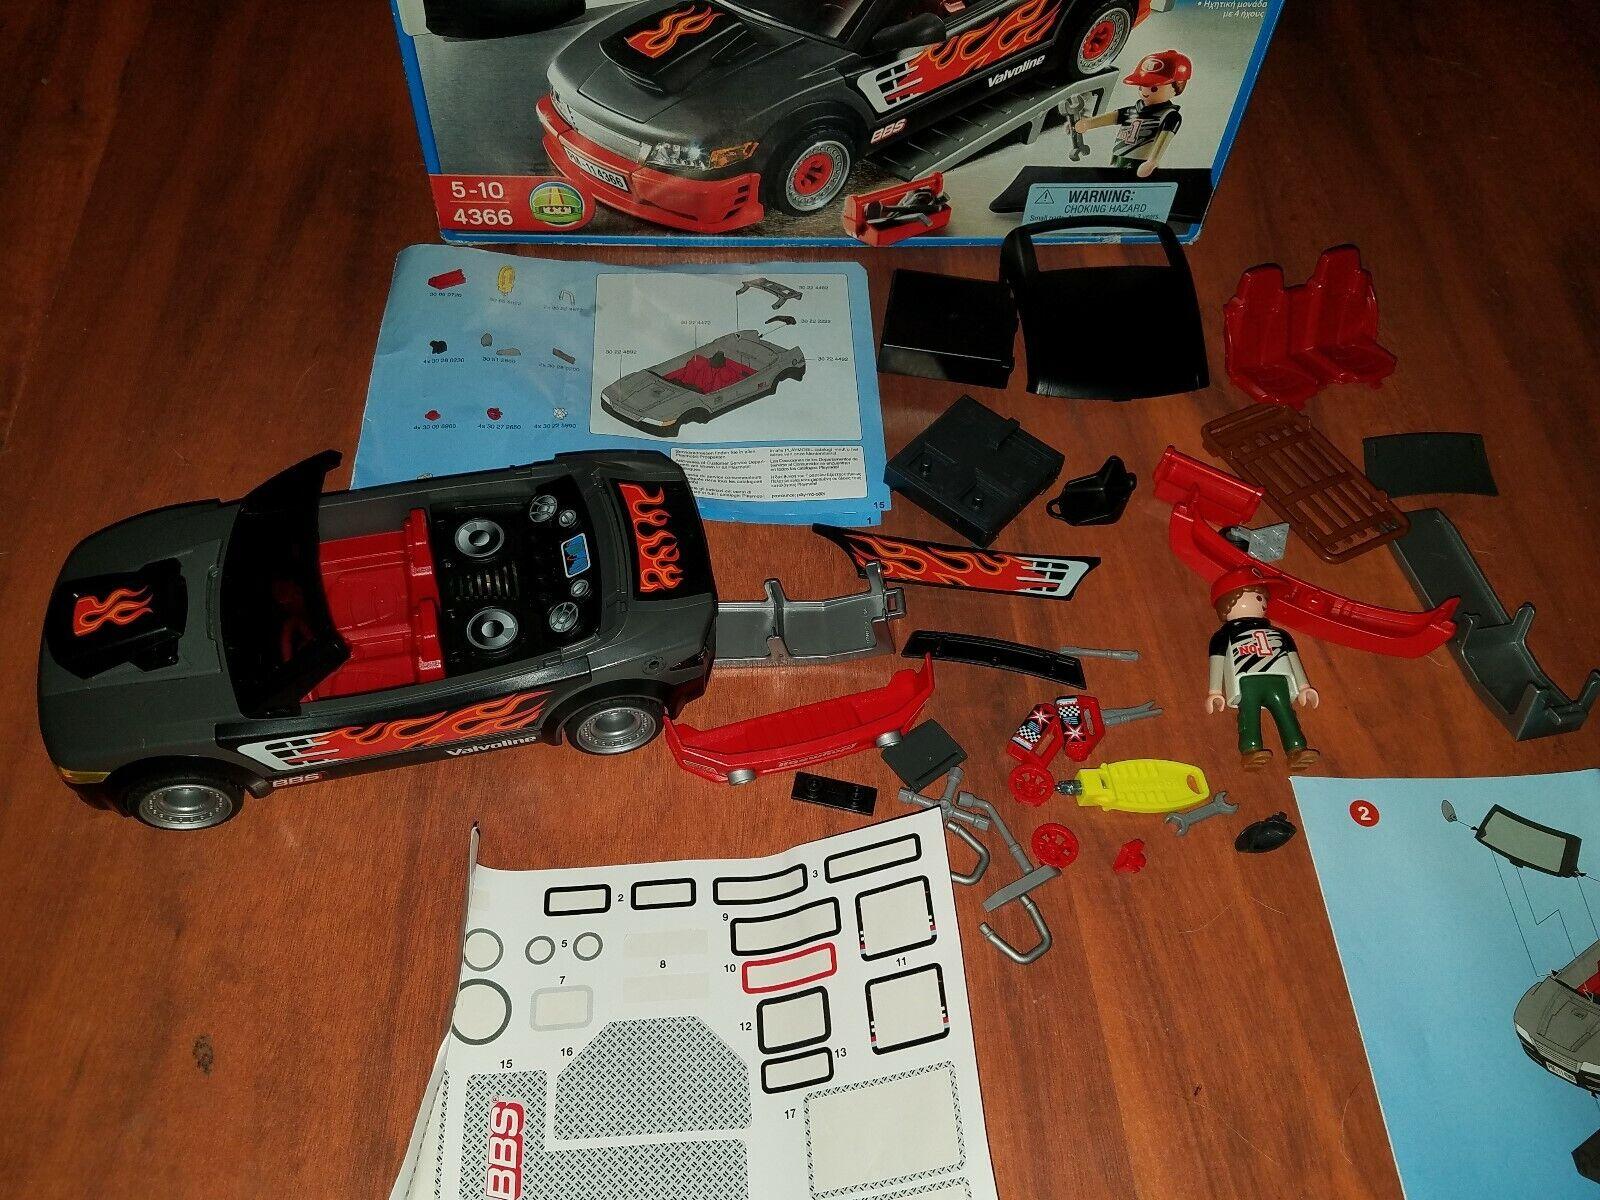 Playmobil Tuning lavoronegozio 4366 completare nice condition fast gratuito  shipping  prezzi bassi